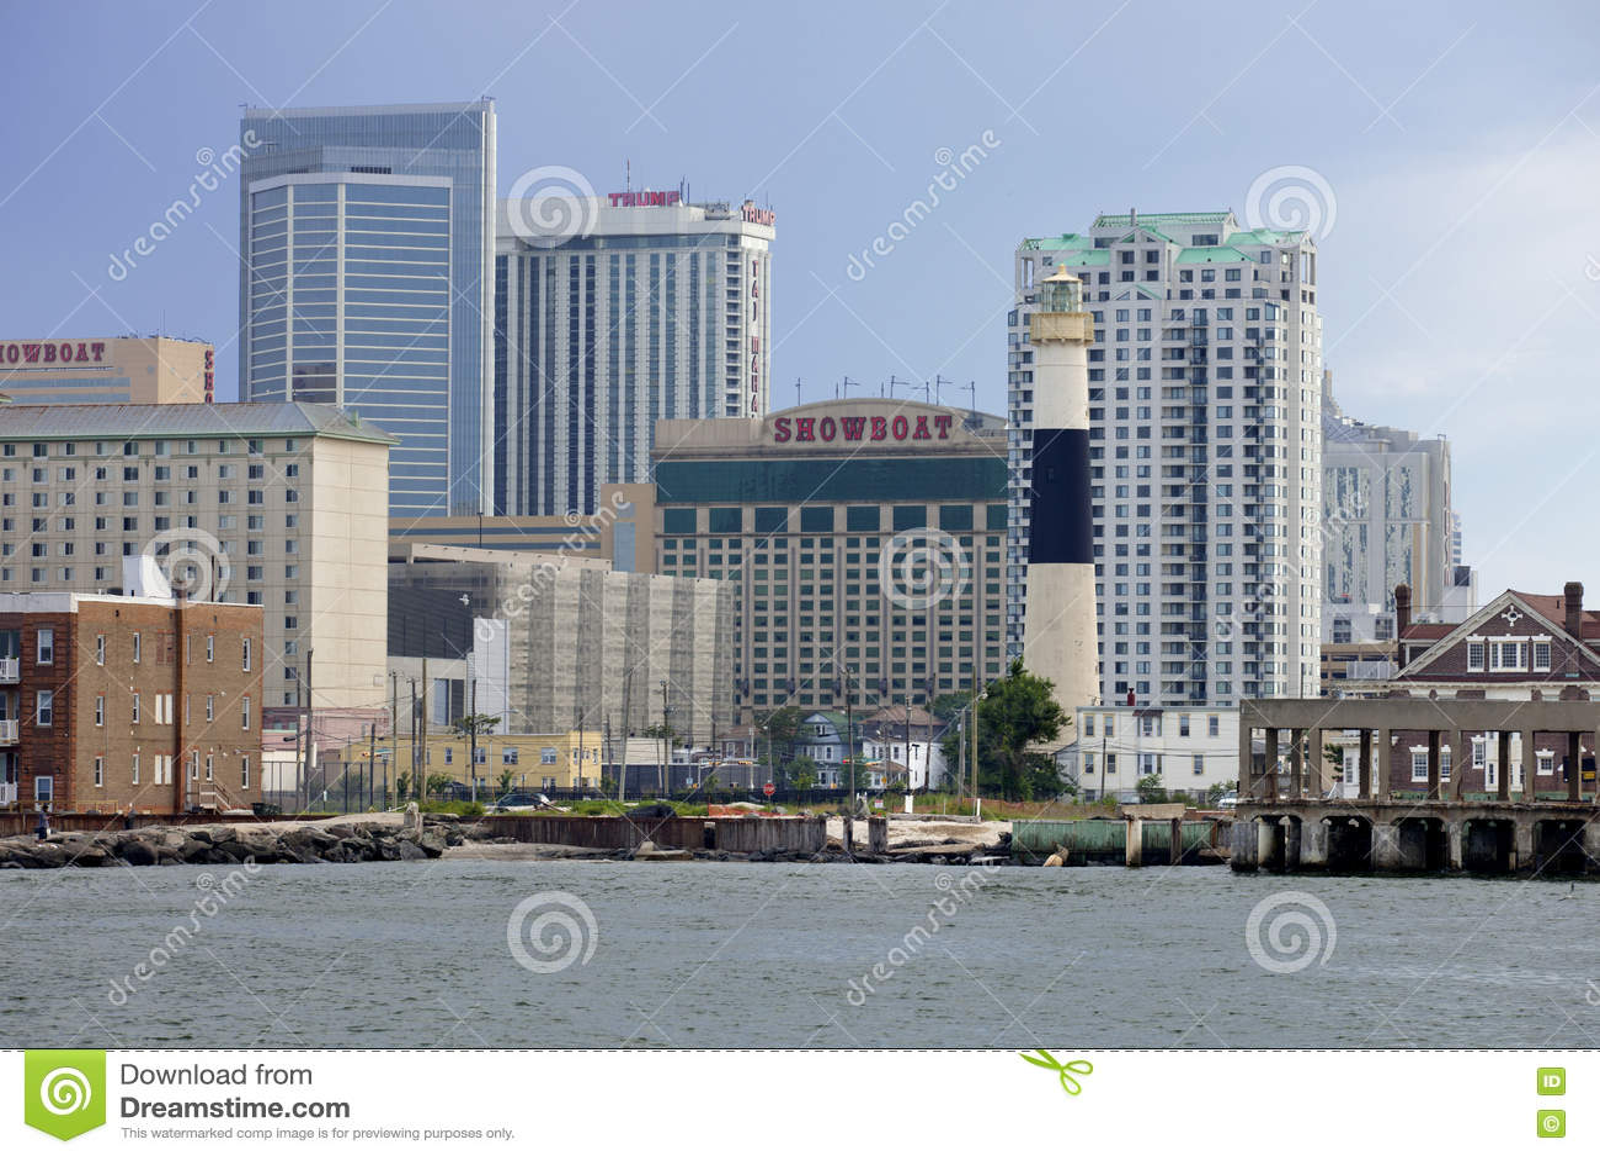 Inhamgebied van Atlantic City, New Jersey